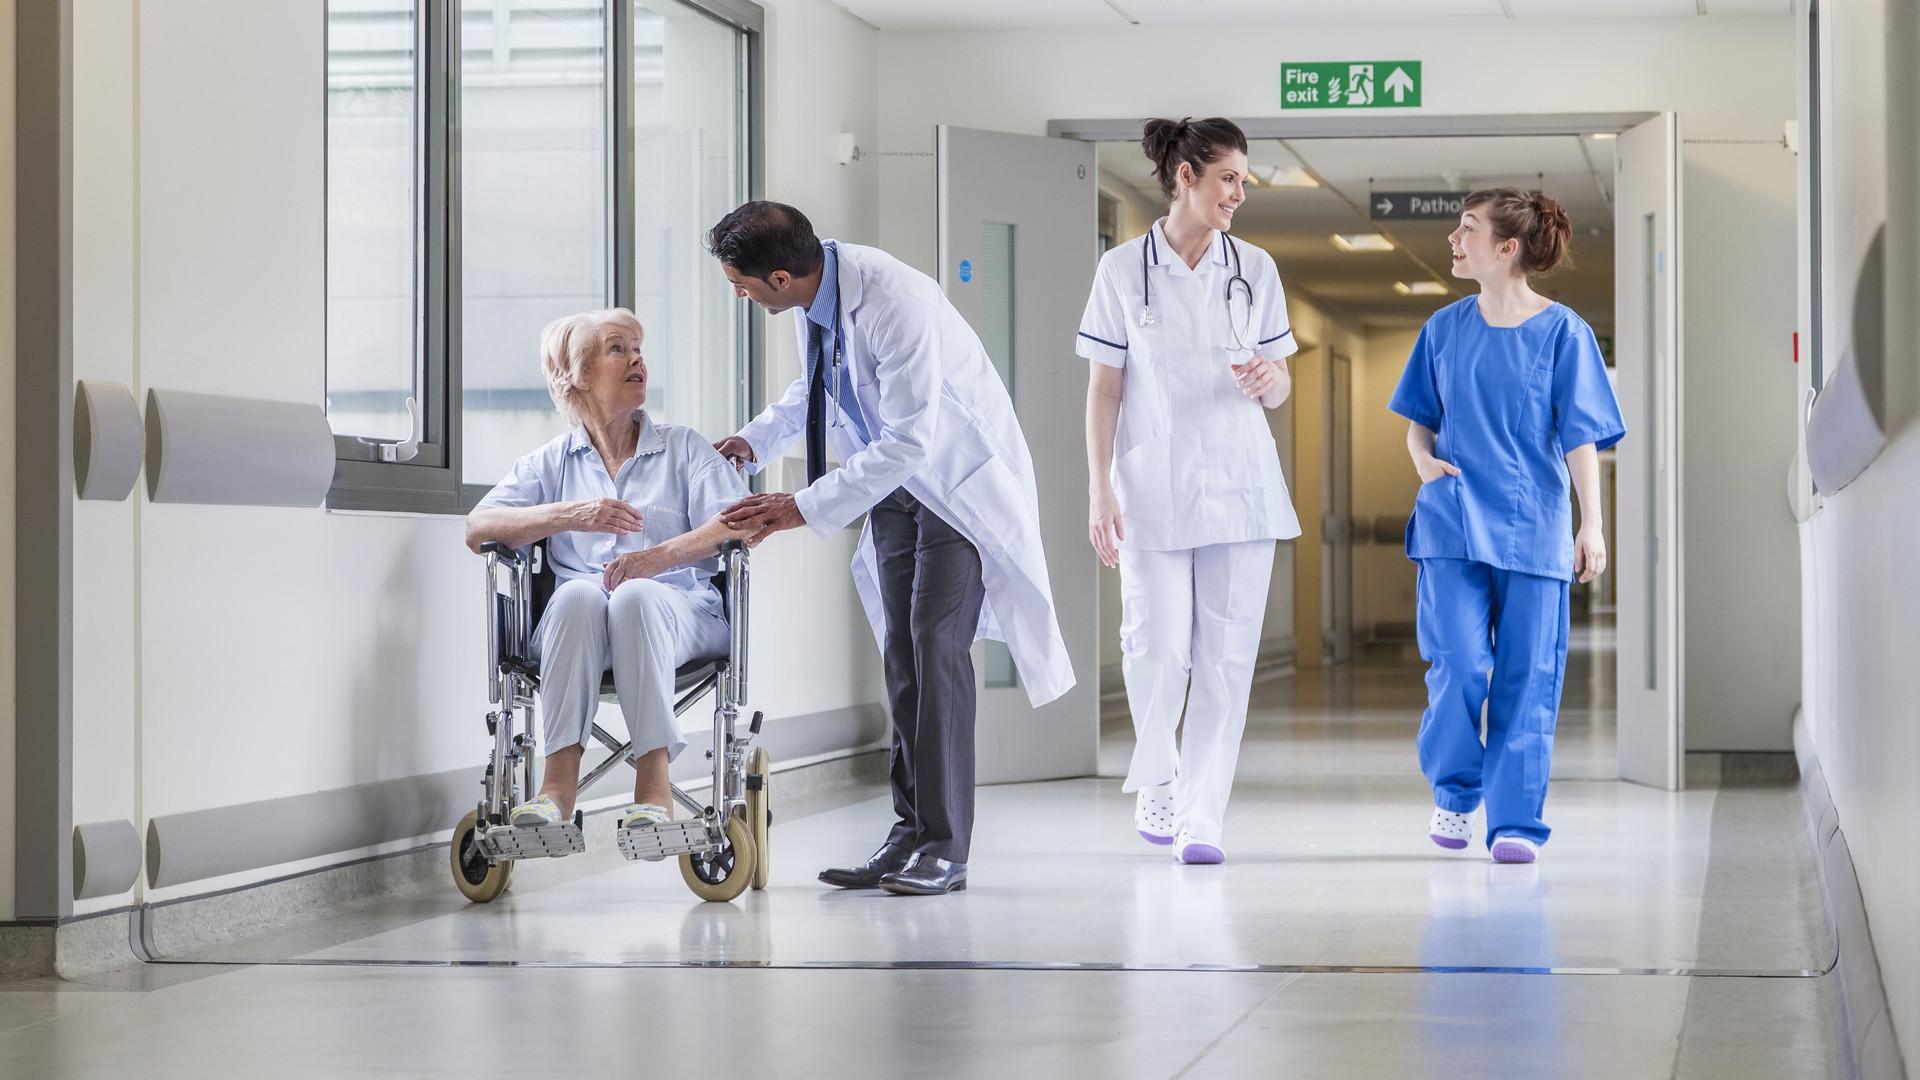 People, Humans, Hospital